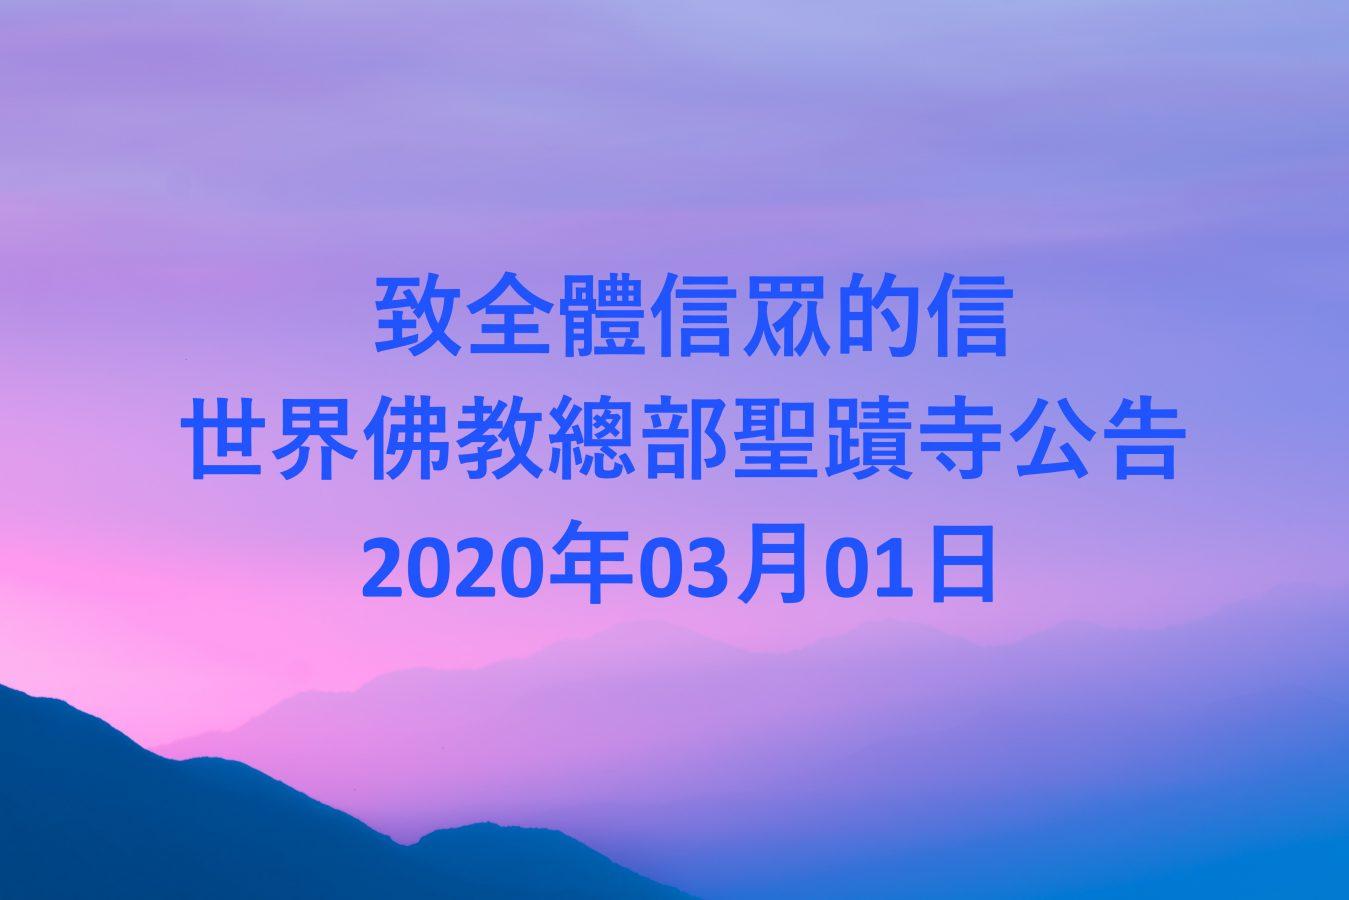 致全體信眾的信 世界佛教總部聖蹟寺公告 2020年03月01日